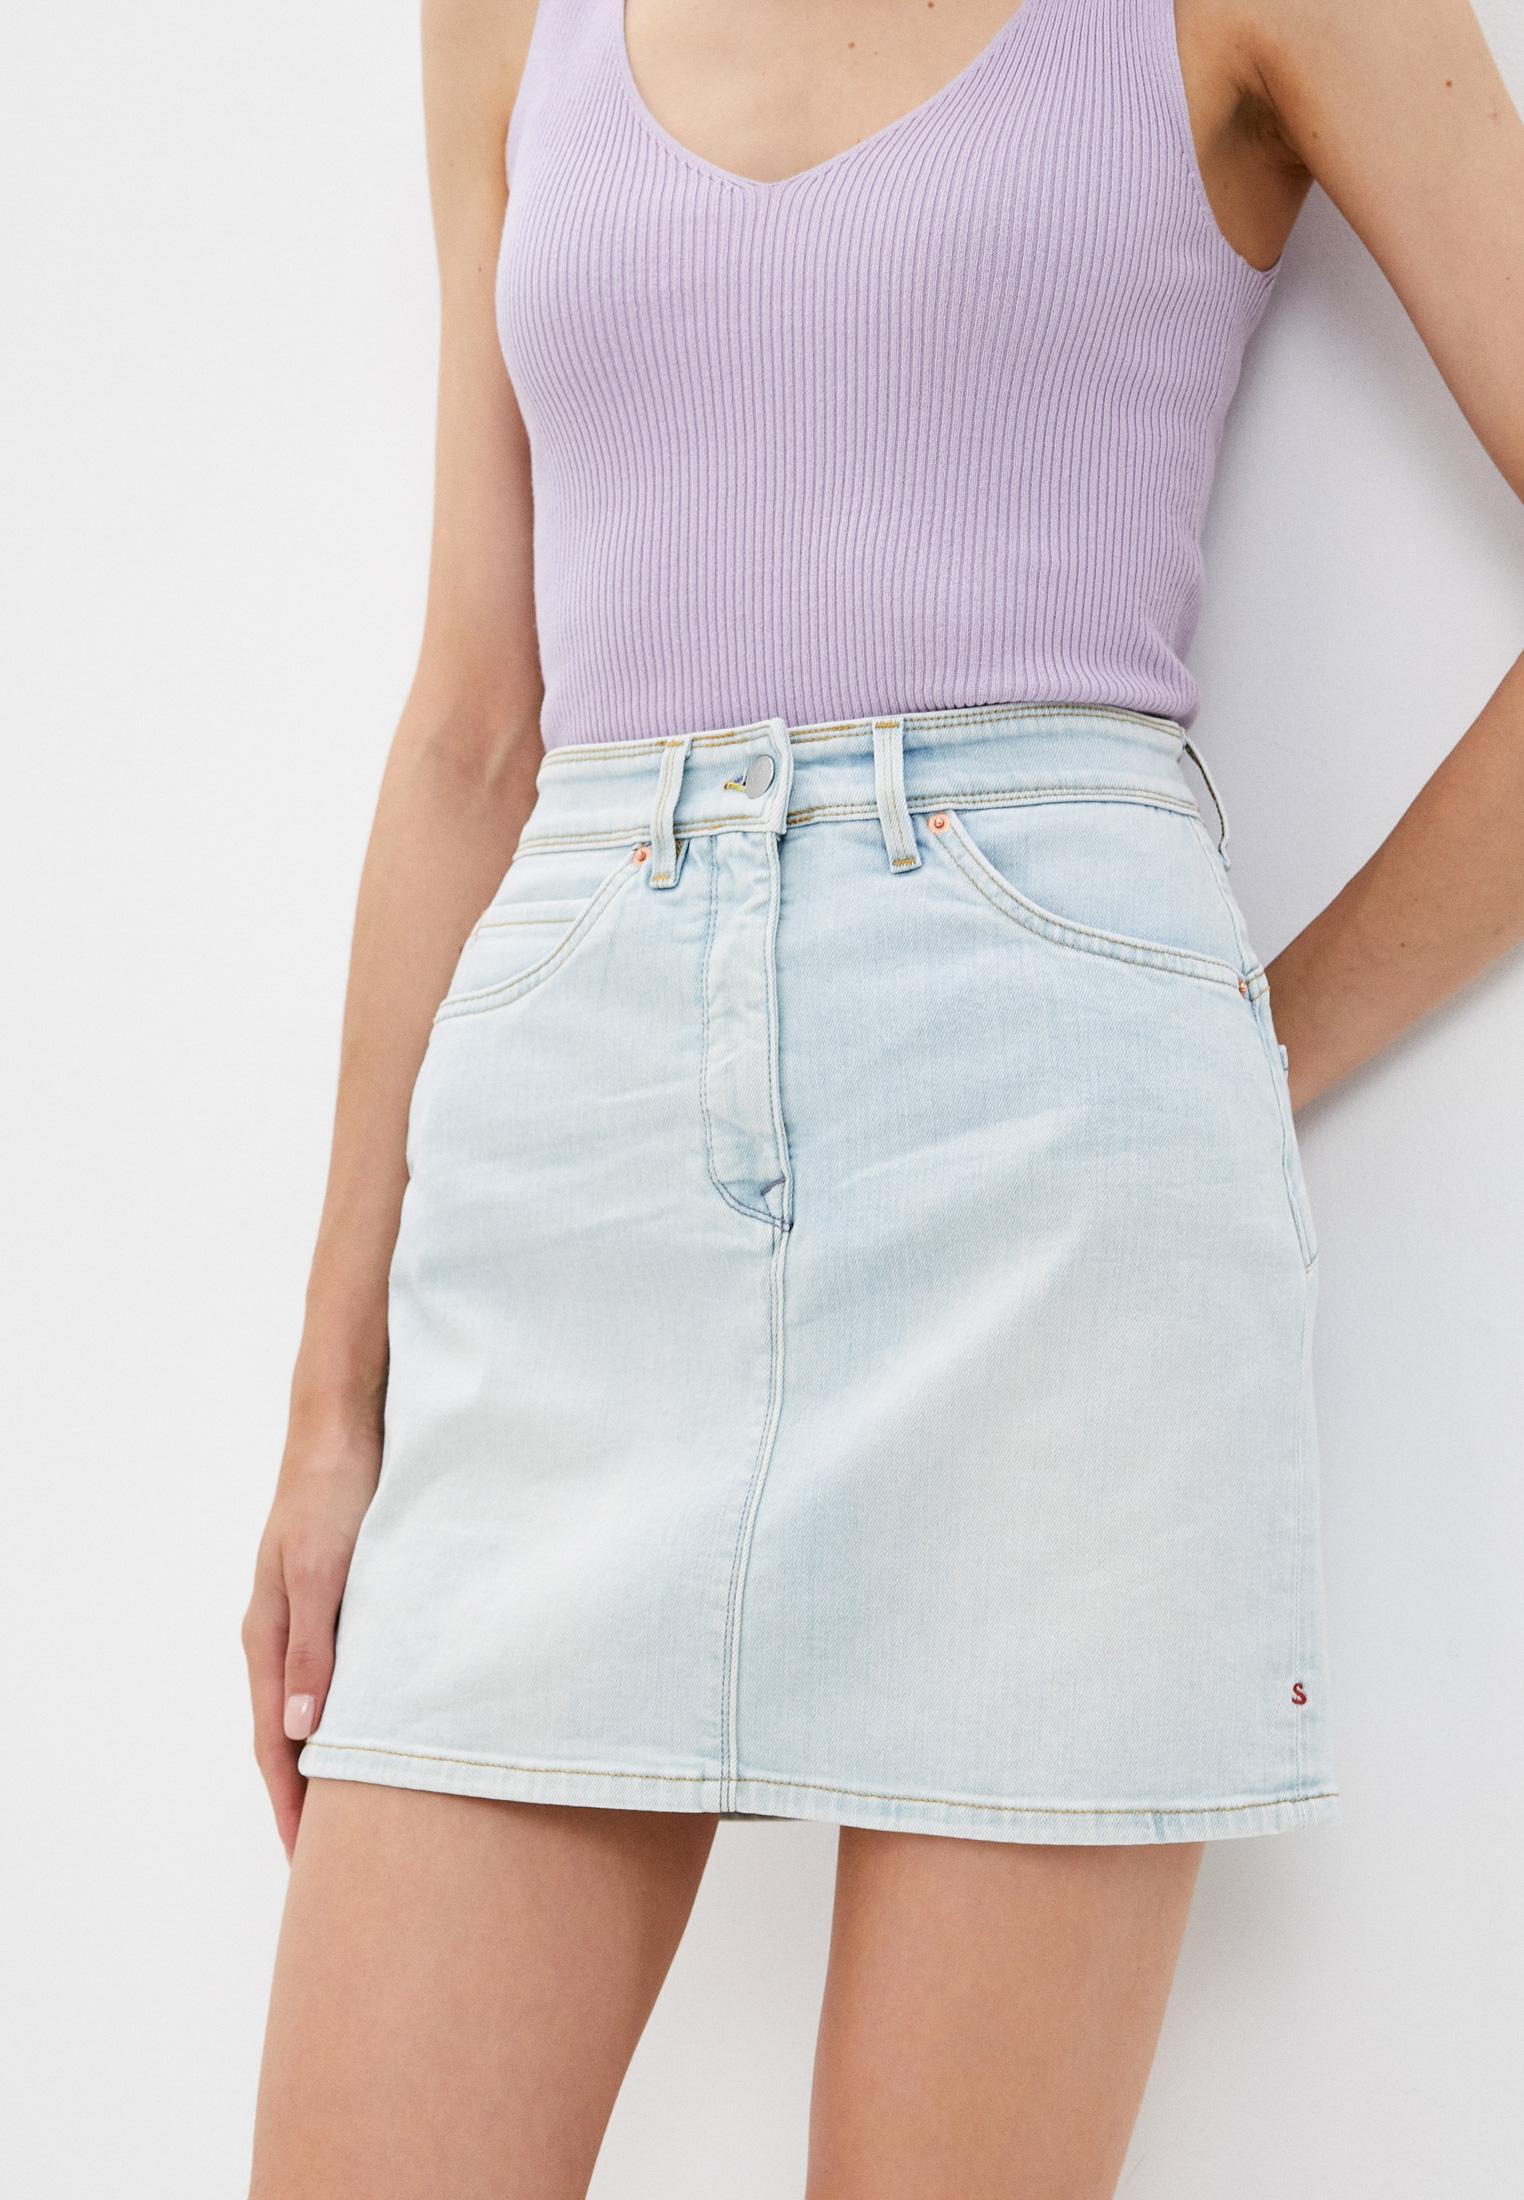 Джинсовая юбка SALSA Юбка джинсовая Salsa